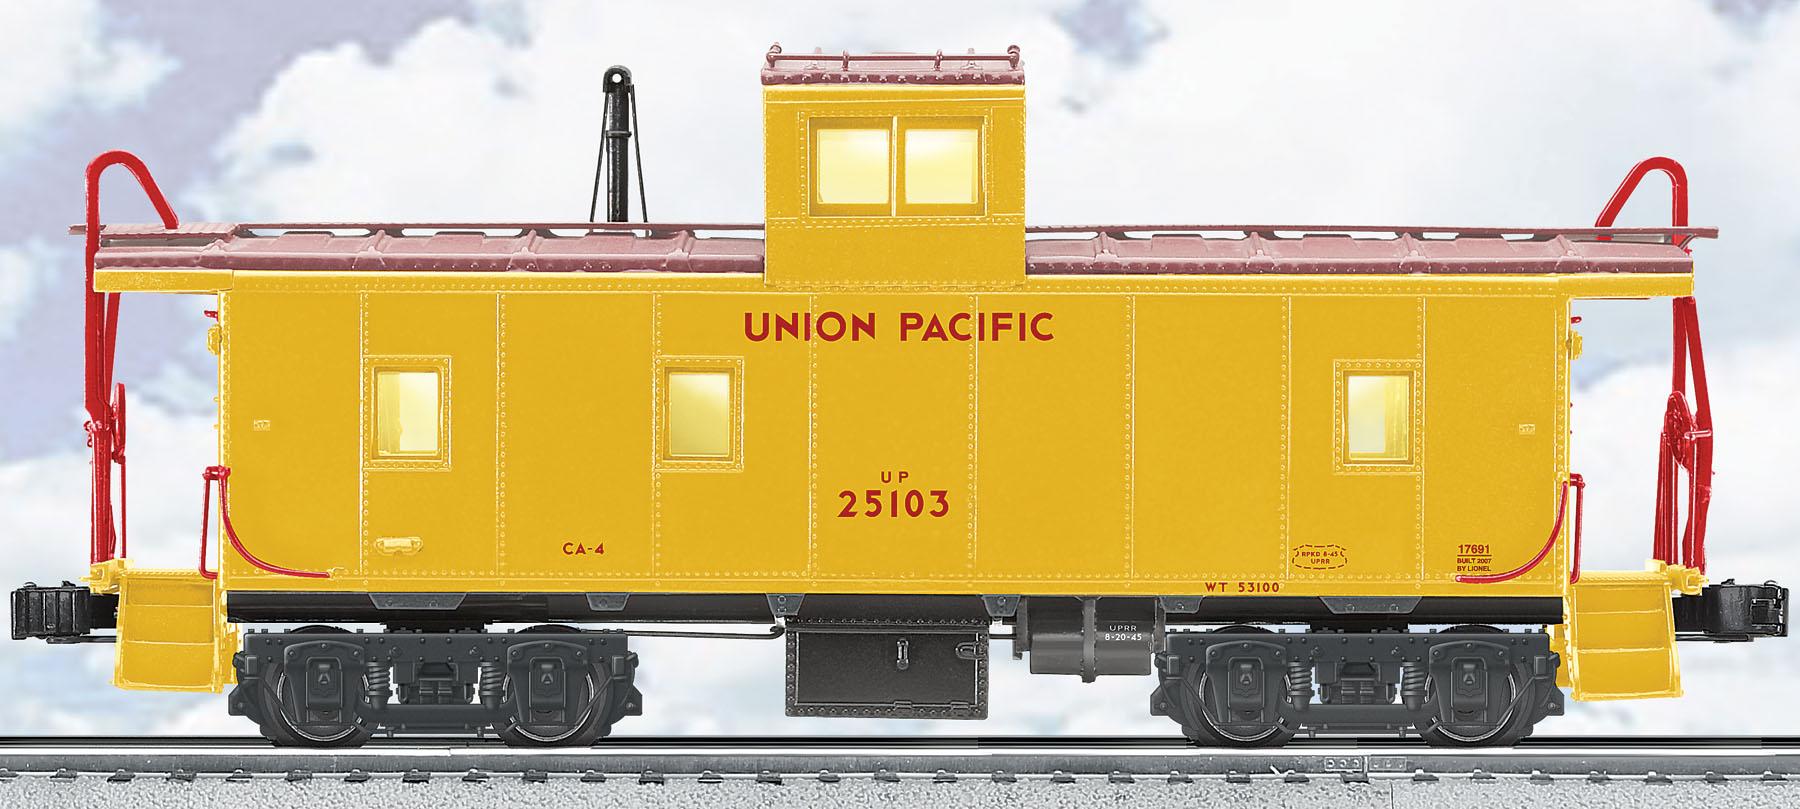 Union Pacific CA-4 Caboose #25103